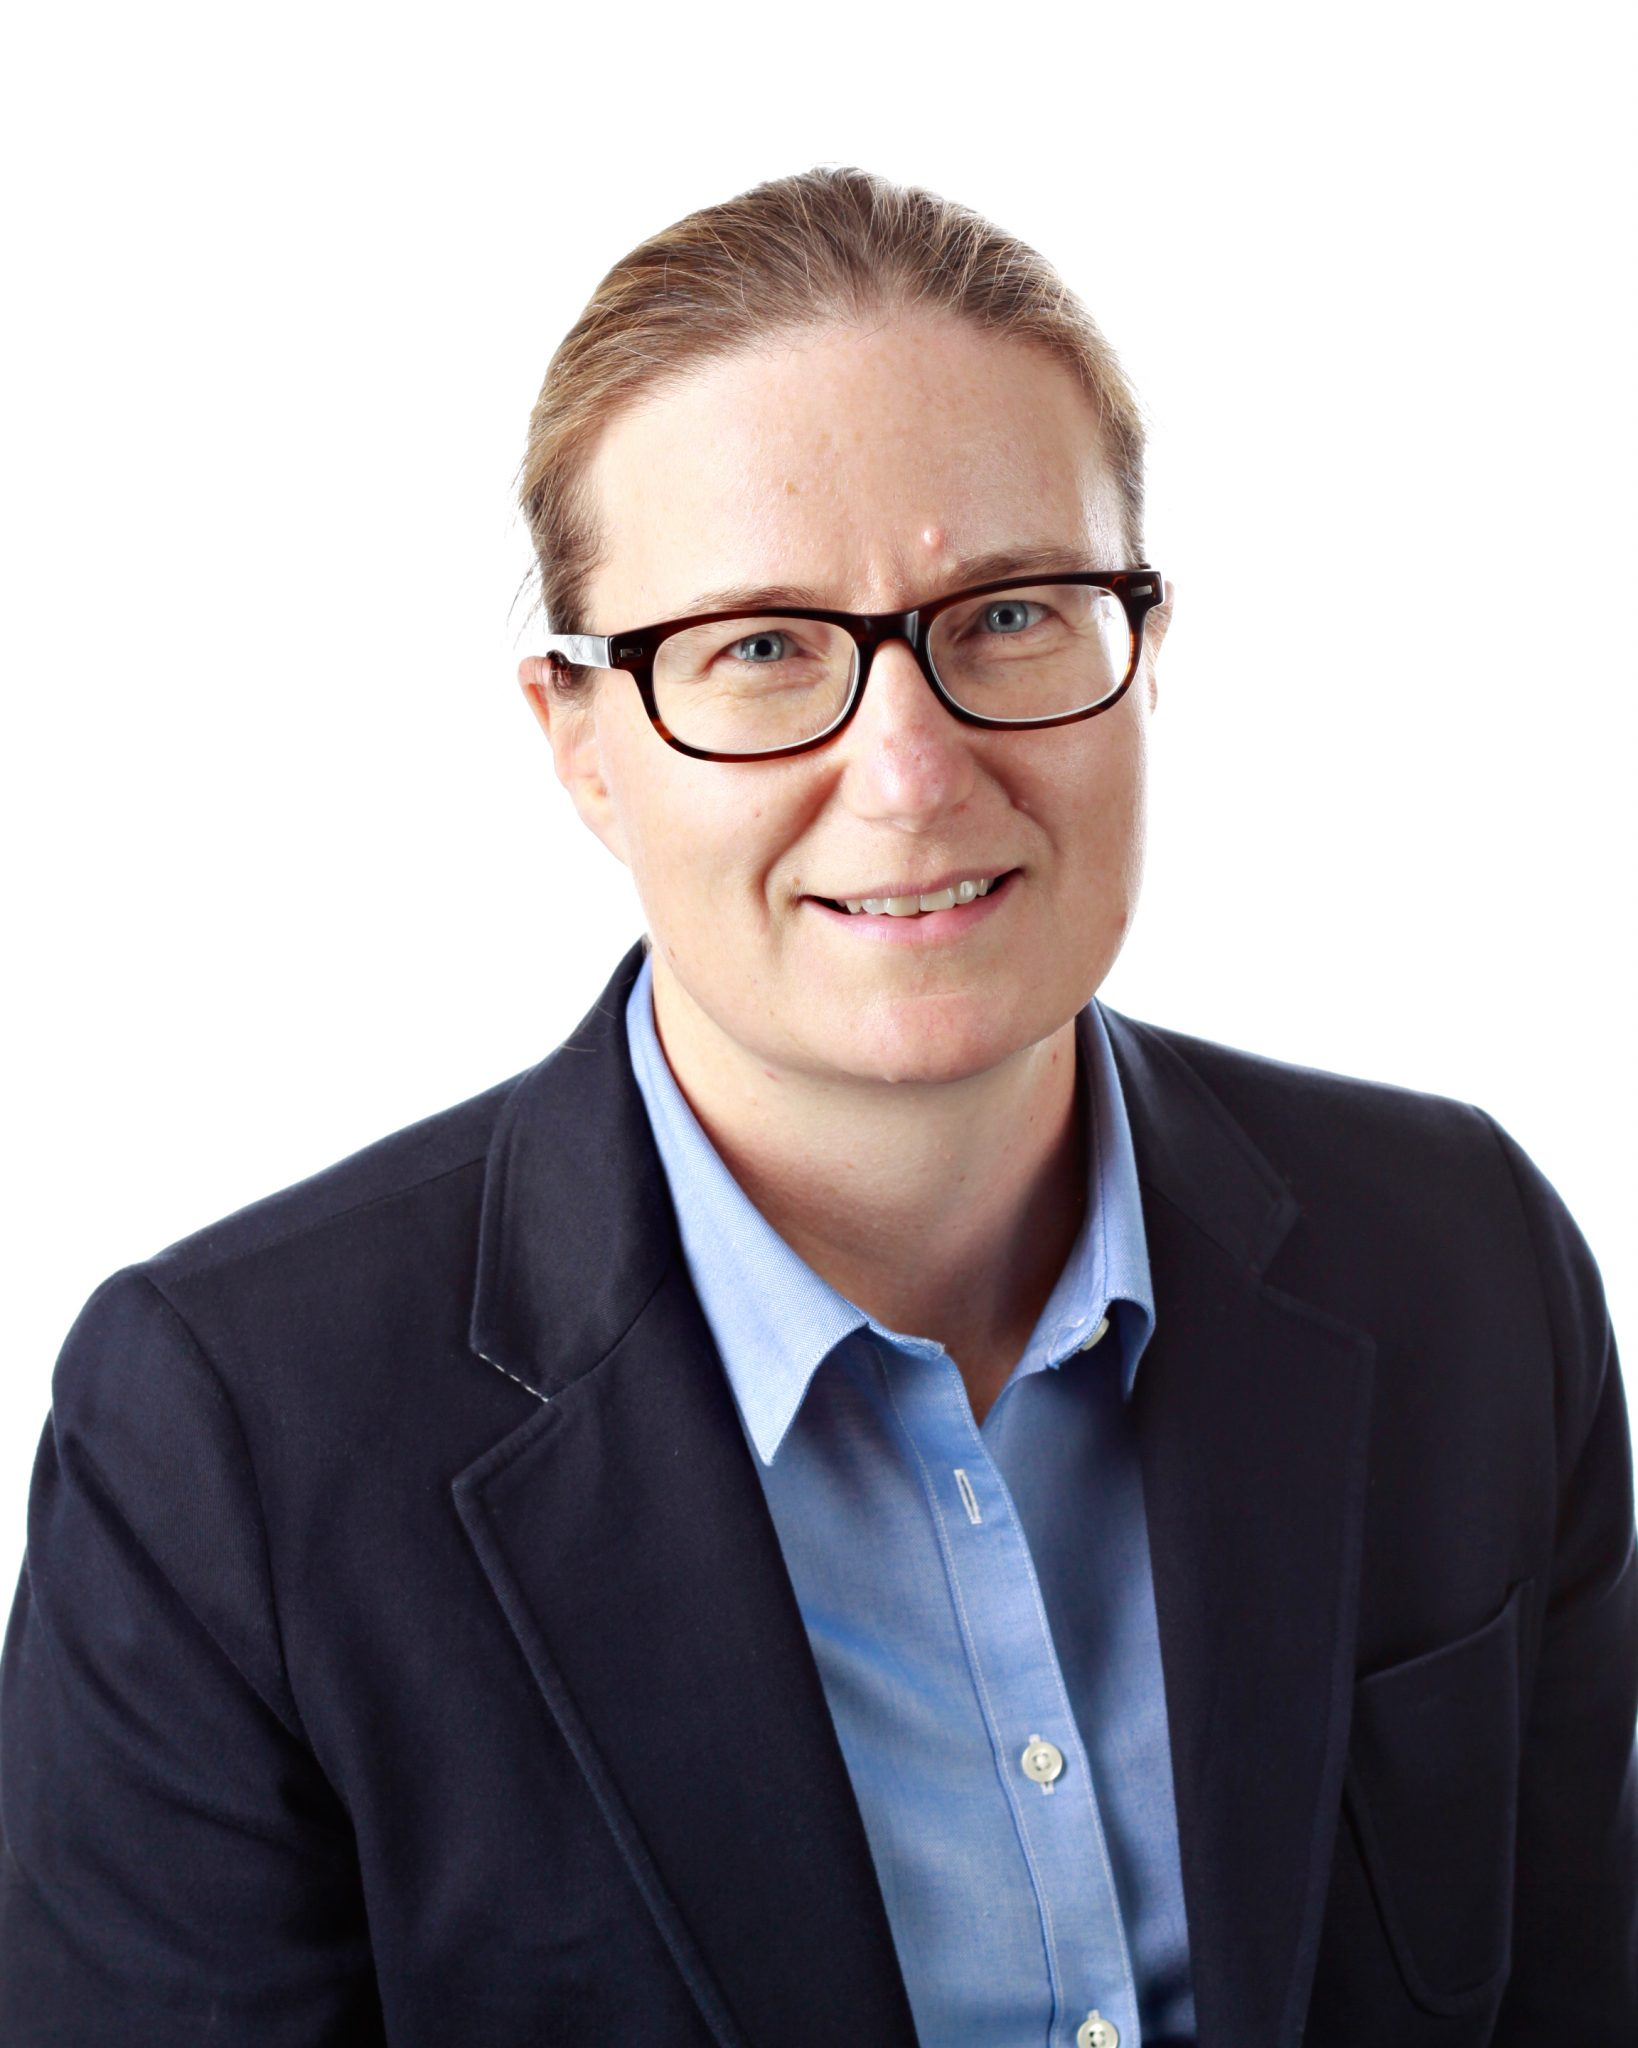 Dr. Tammy Eger